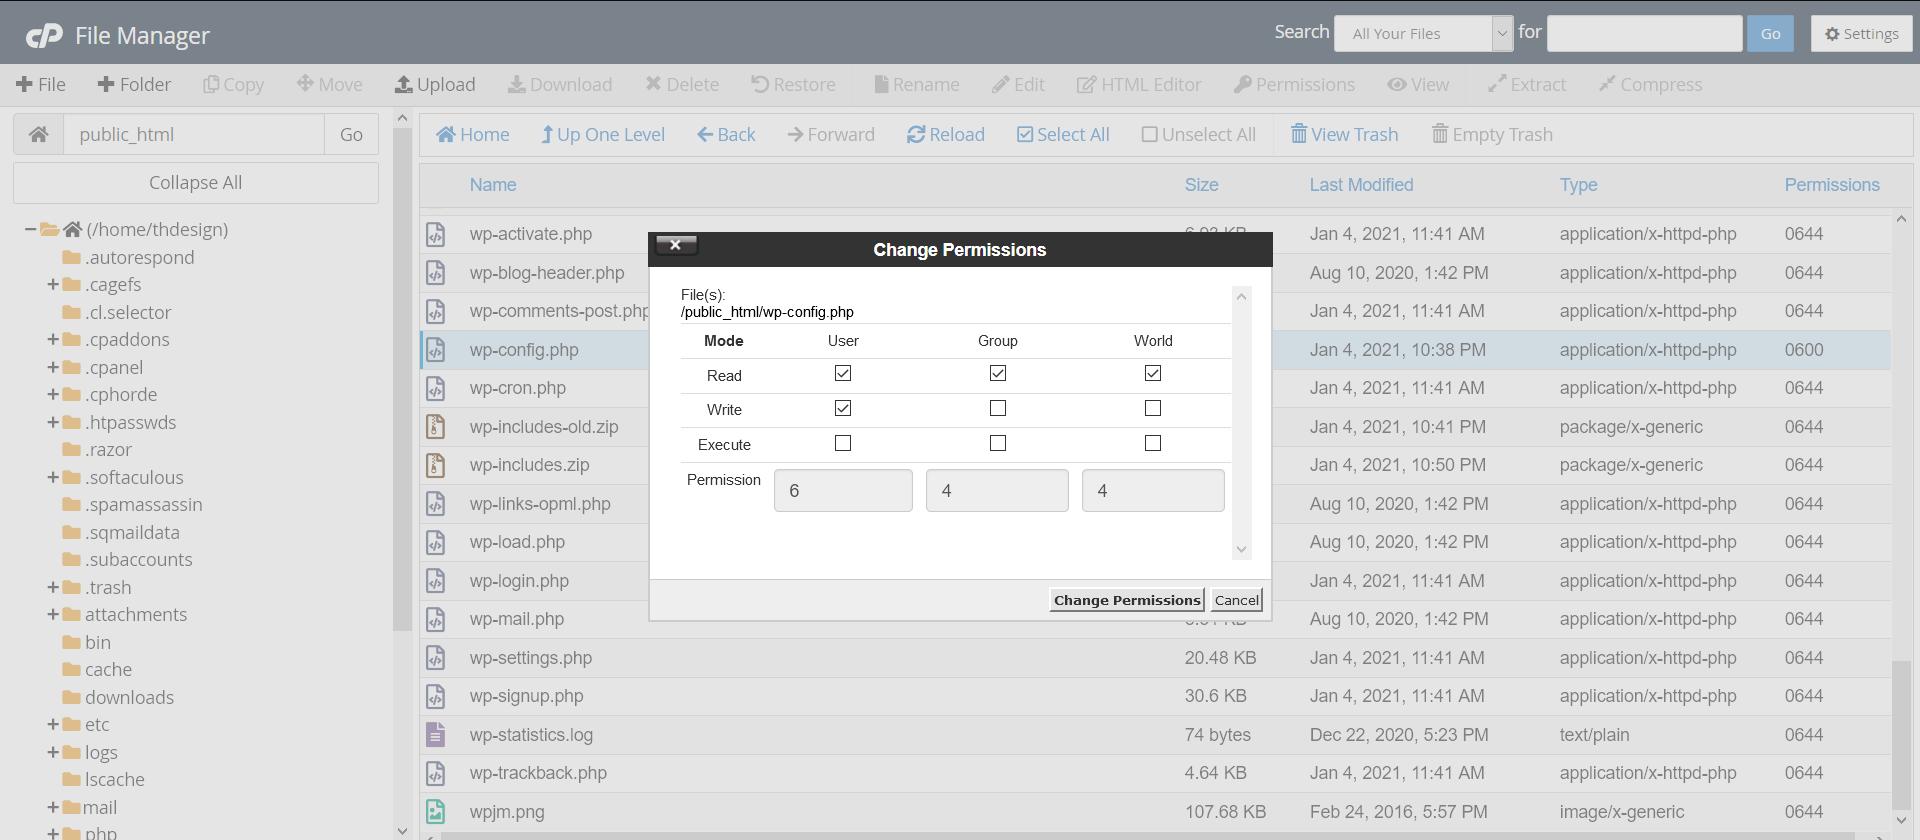 رفع خطای 403 وردپرس با تنظیم سطح دسترسی فایلها و پوشهها